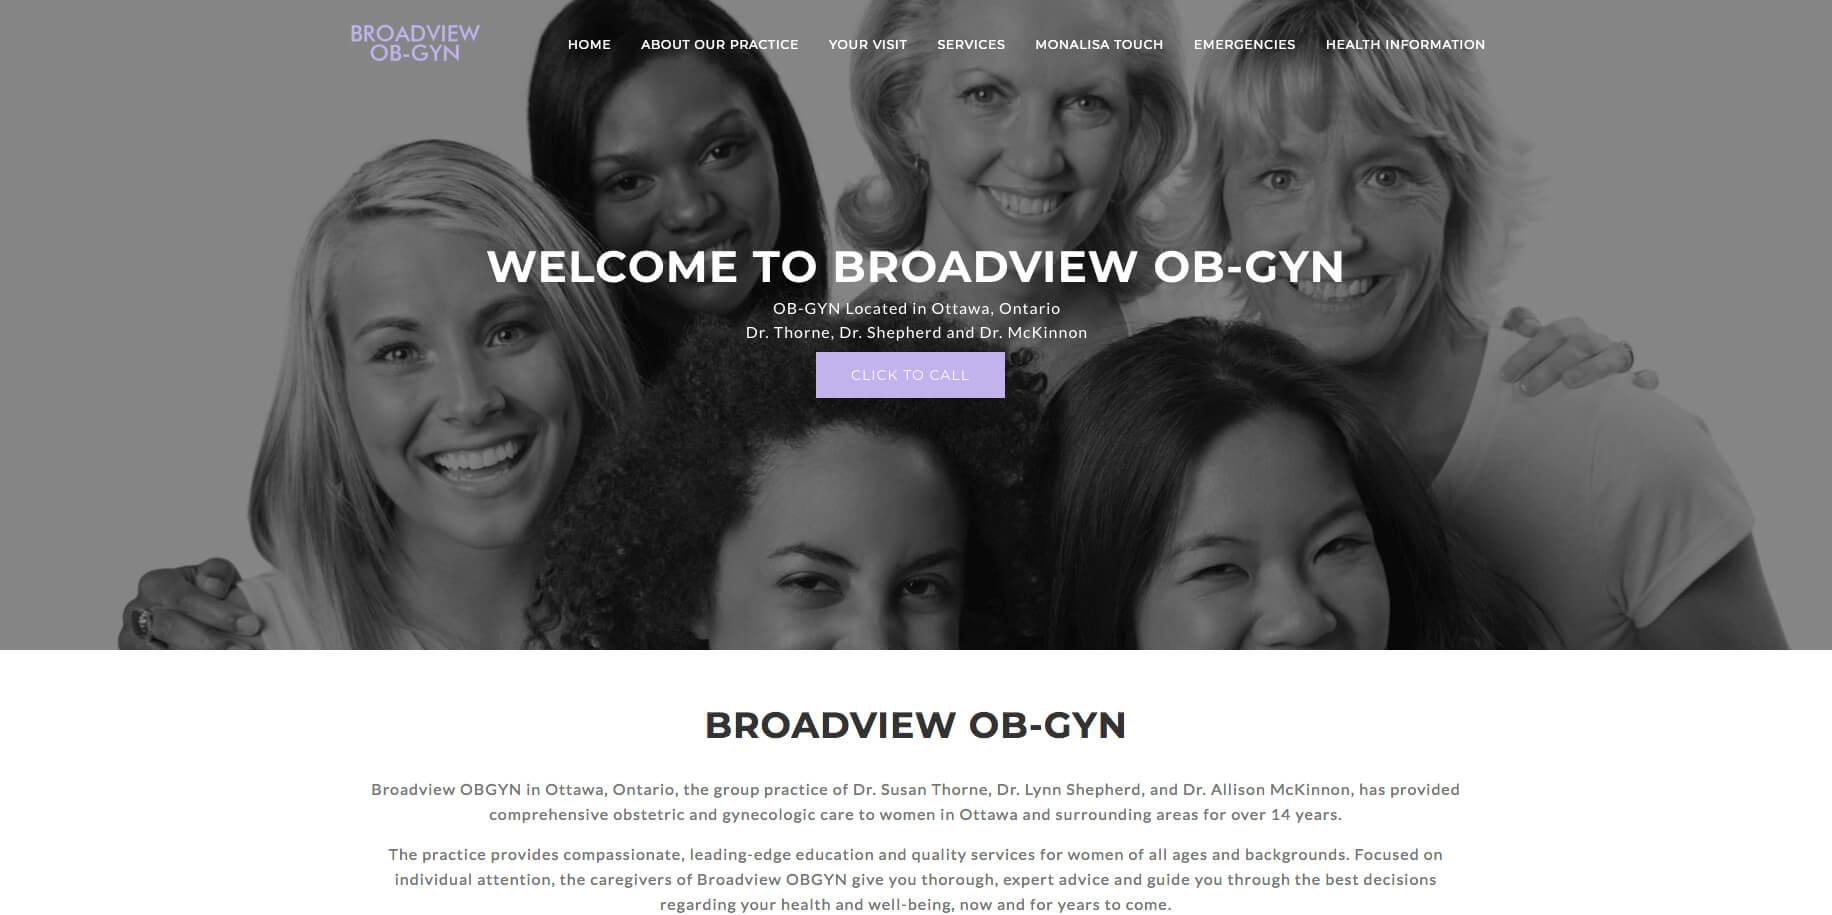 BROADVIEW OB-GYN – Spark Medical Marketing